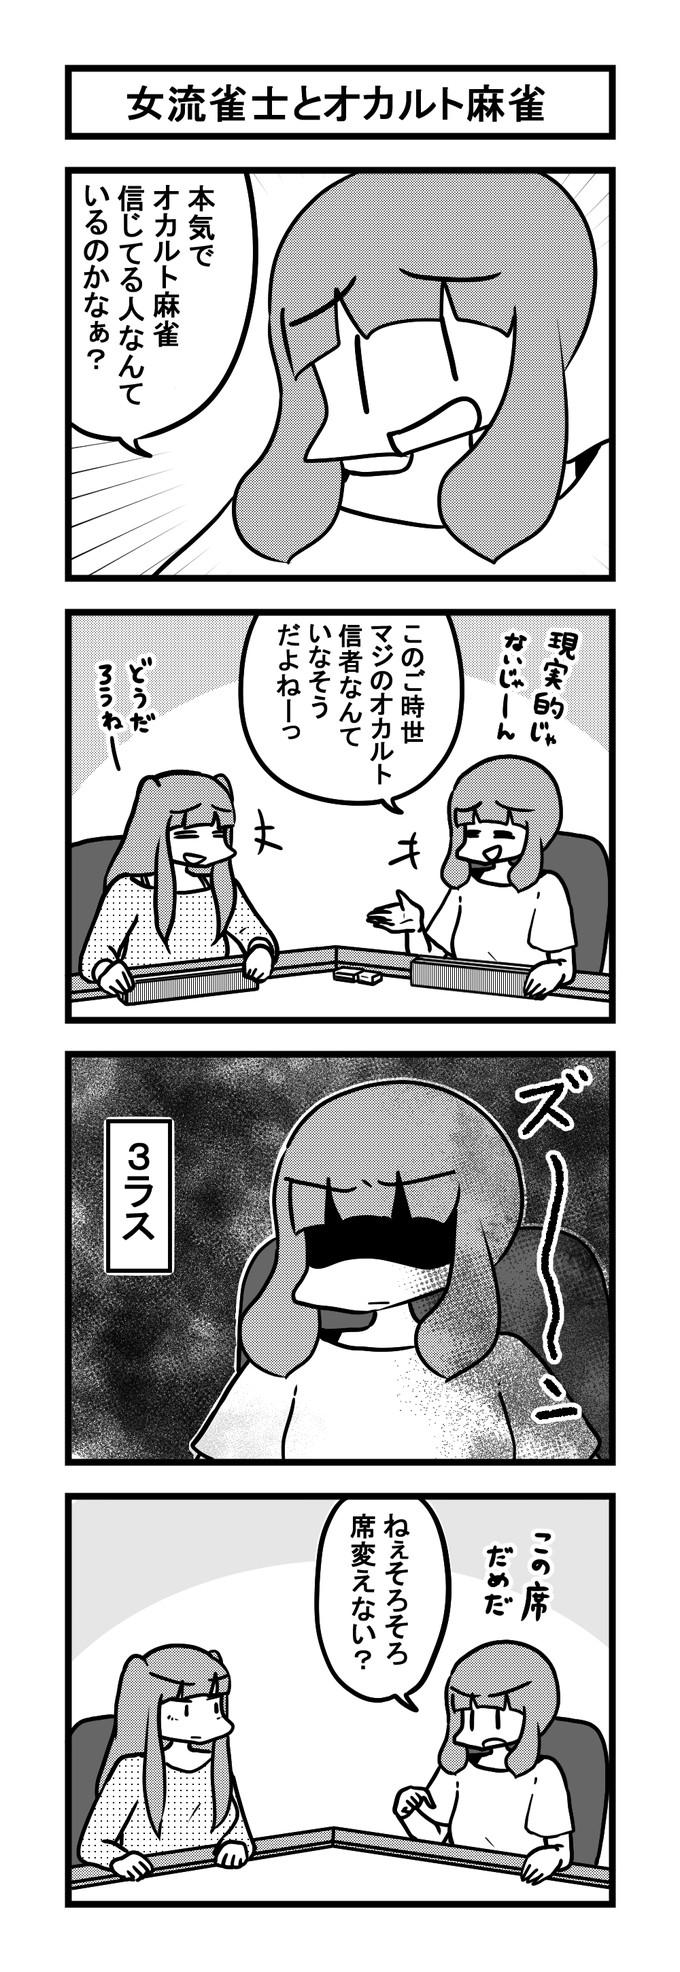 999女流雀士とオカルト麻雀-min